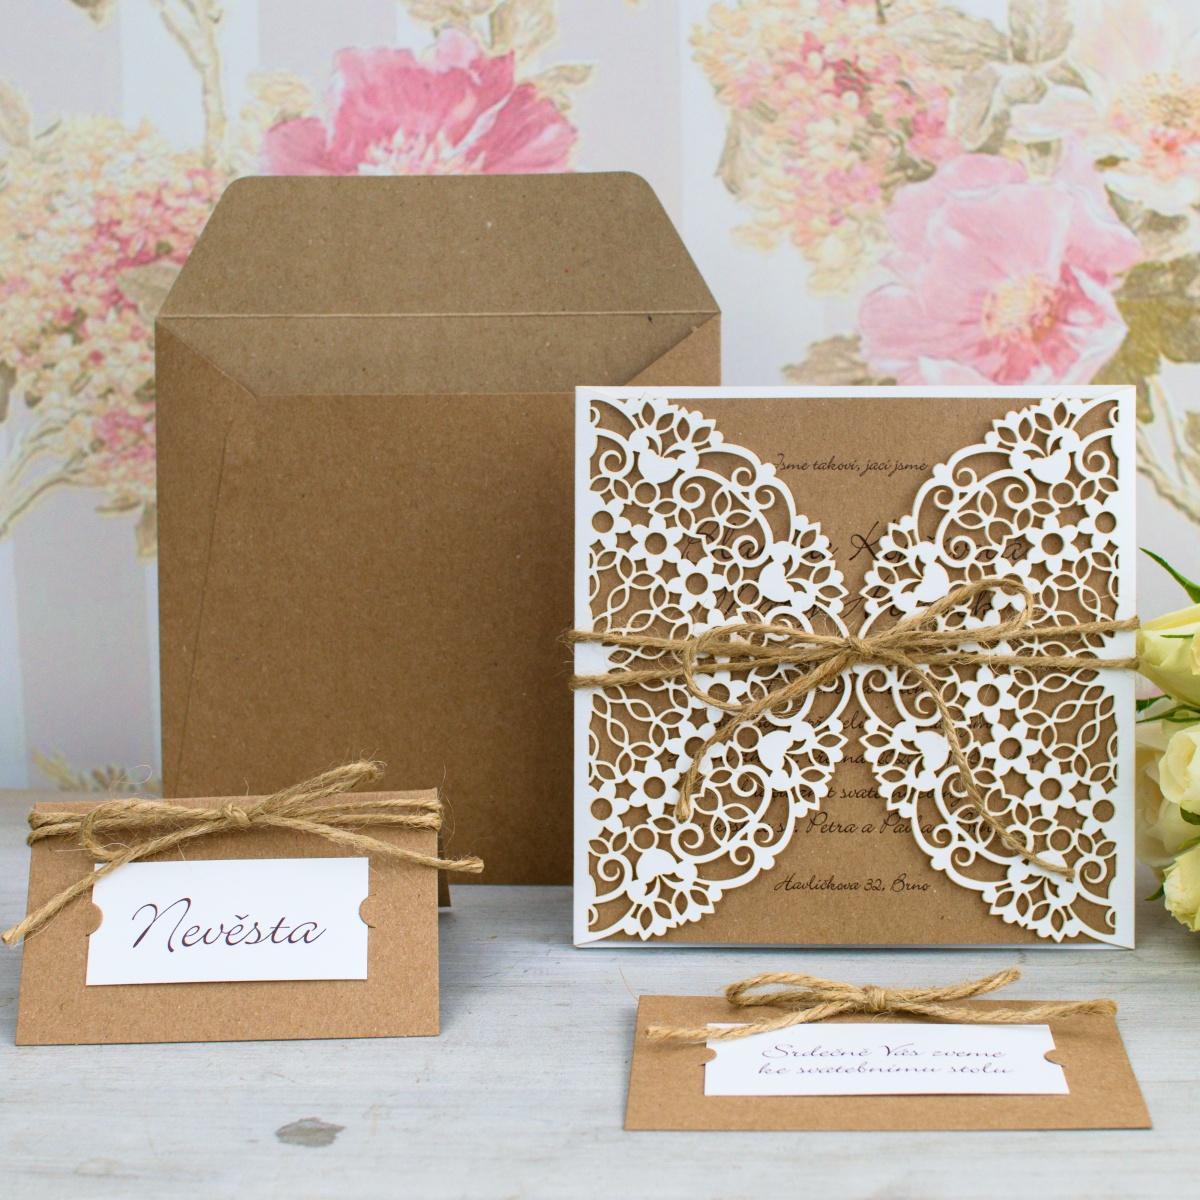 Svatební oznámení, tiskoviny a krabičky - Obrázek č. 95